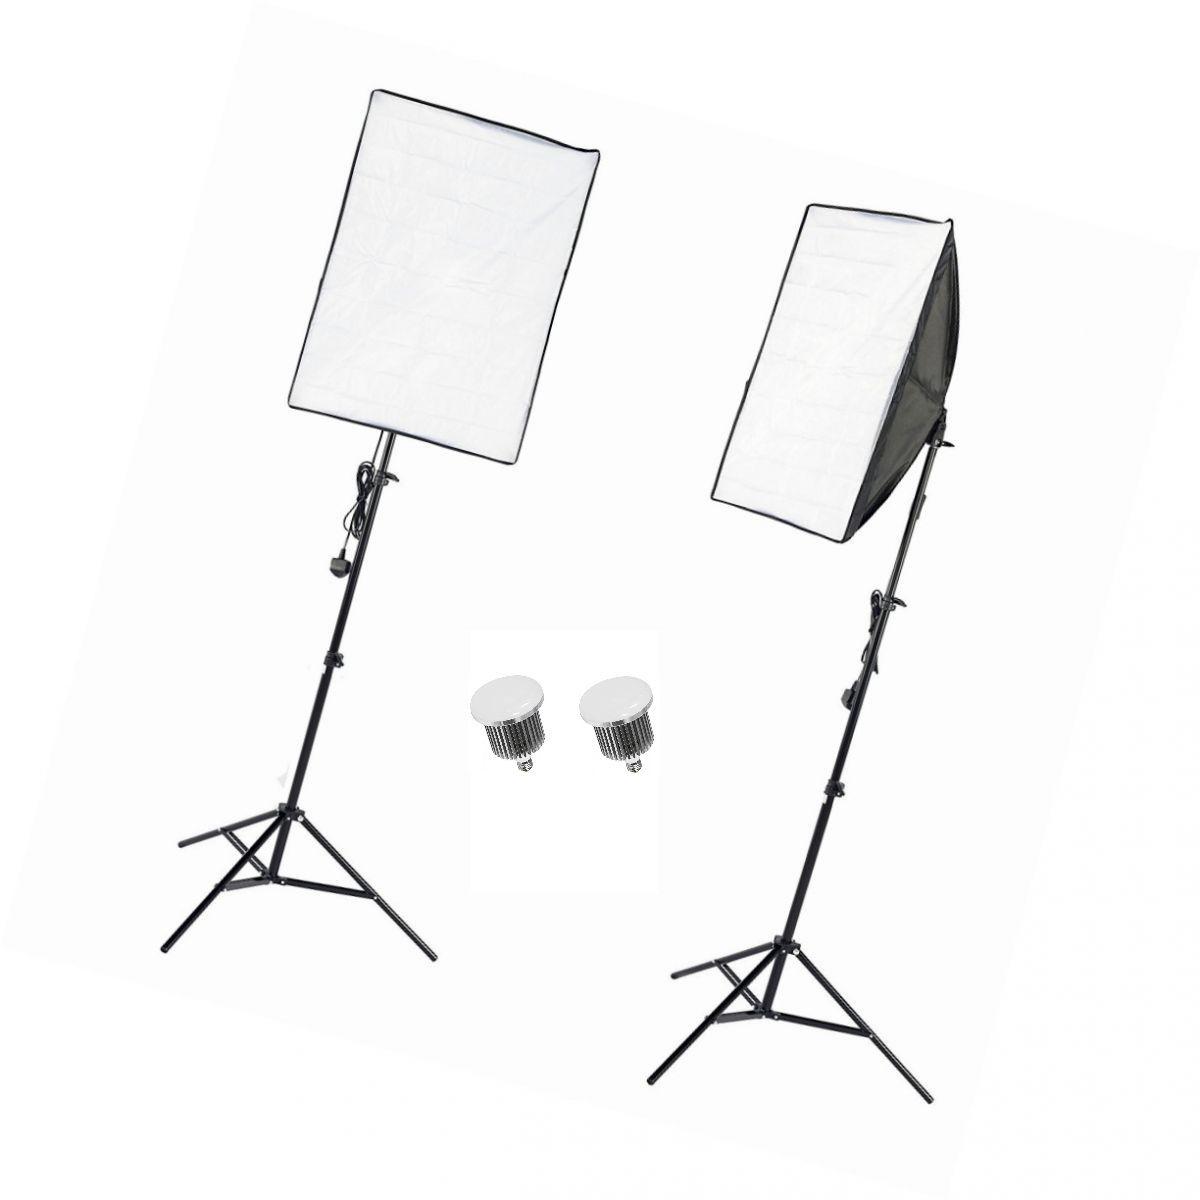 Kit de Iluminação Dois Softbox 50x70 com 2 Lâmpadas LED 65W E27 Bivolt NEWBORN3 - LED170W